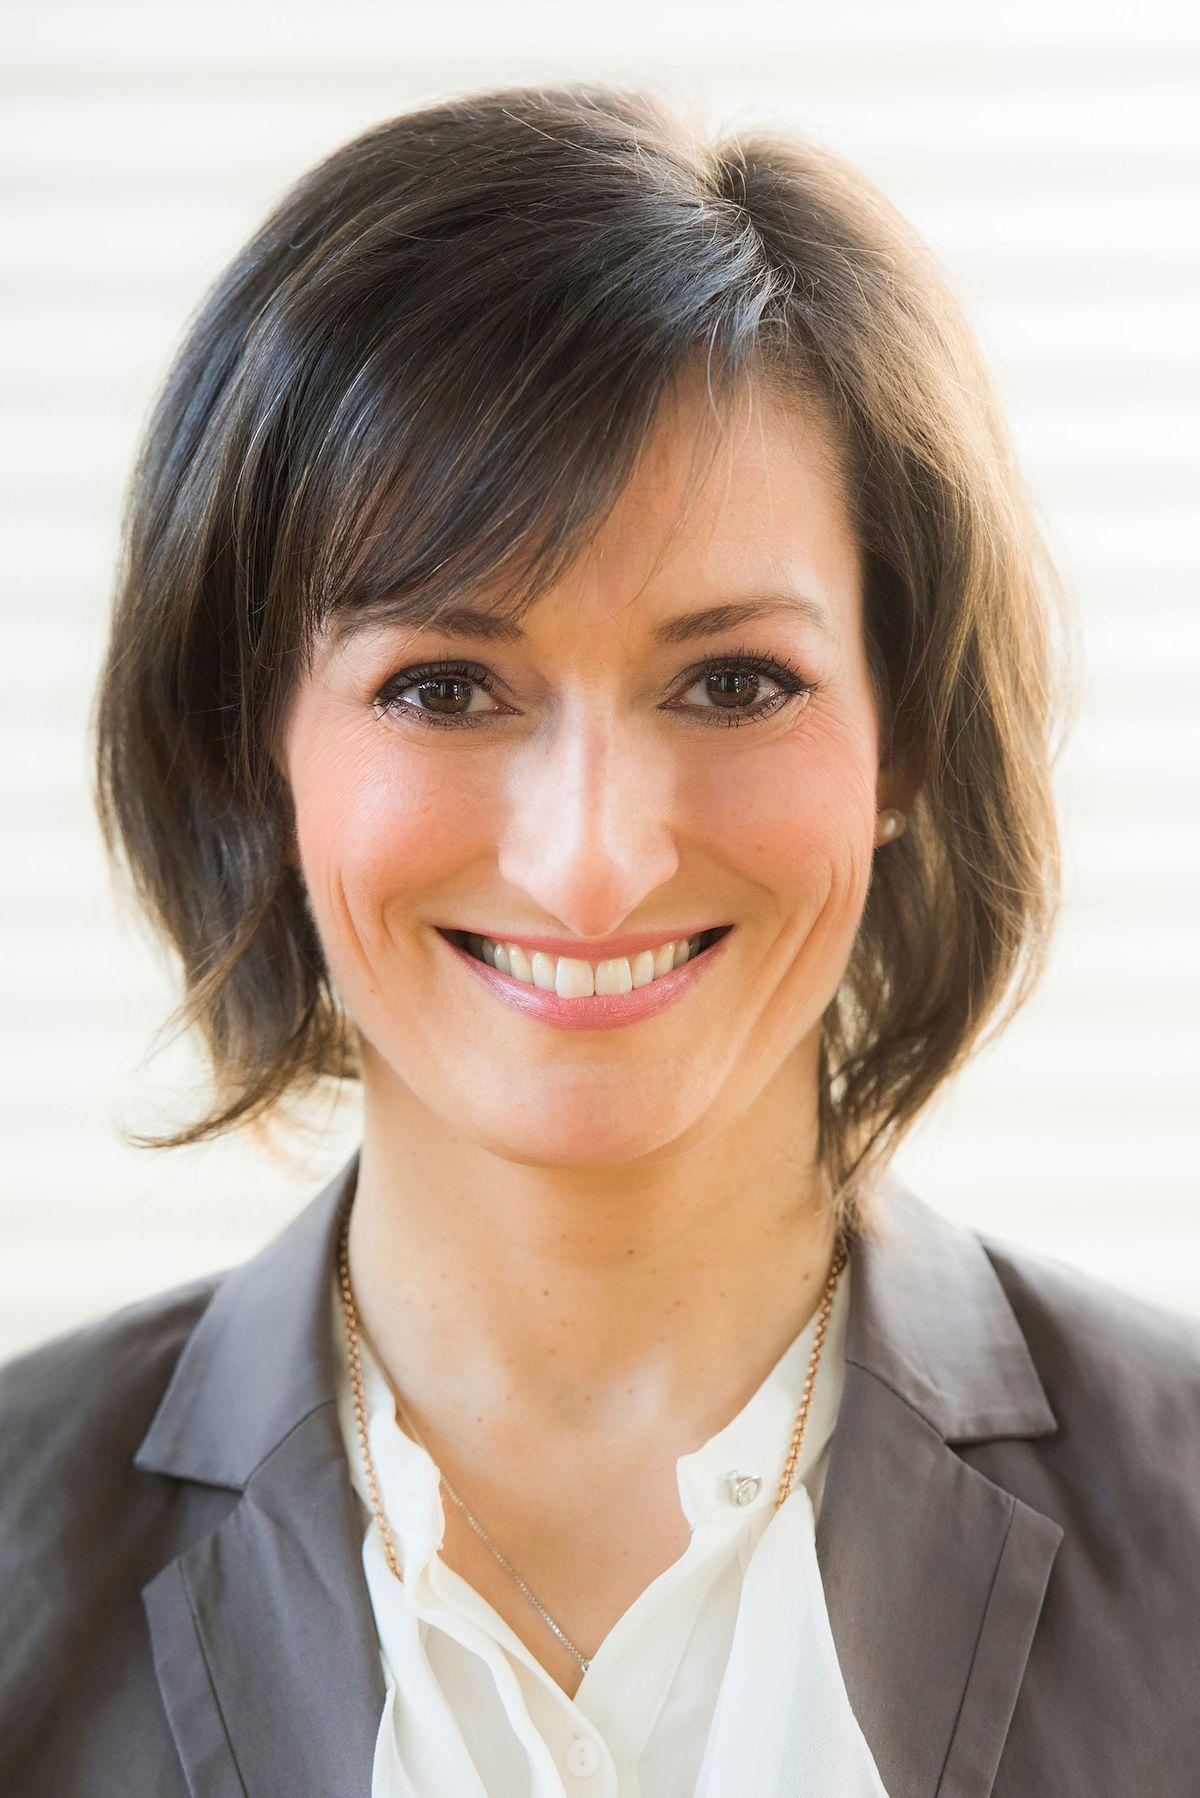 Sonia_Wedell-Castellano_credit_Deutsche_Messe AG_1